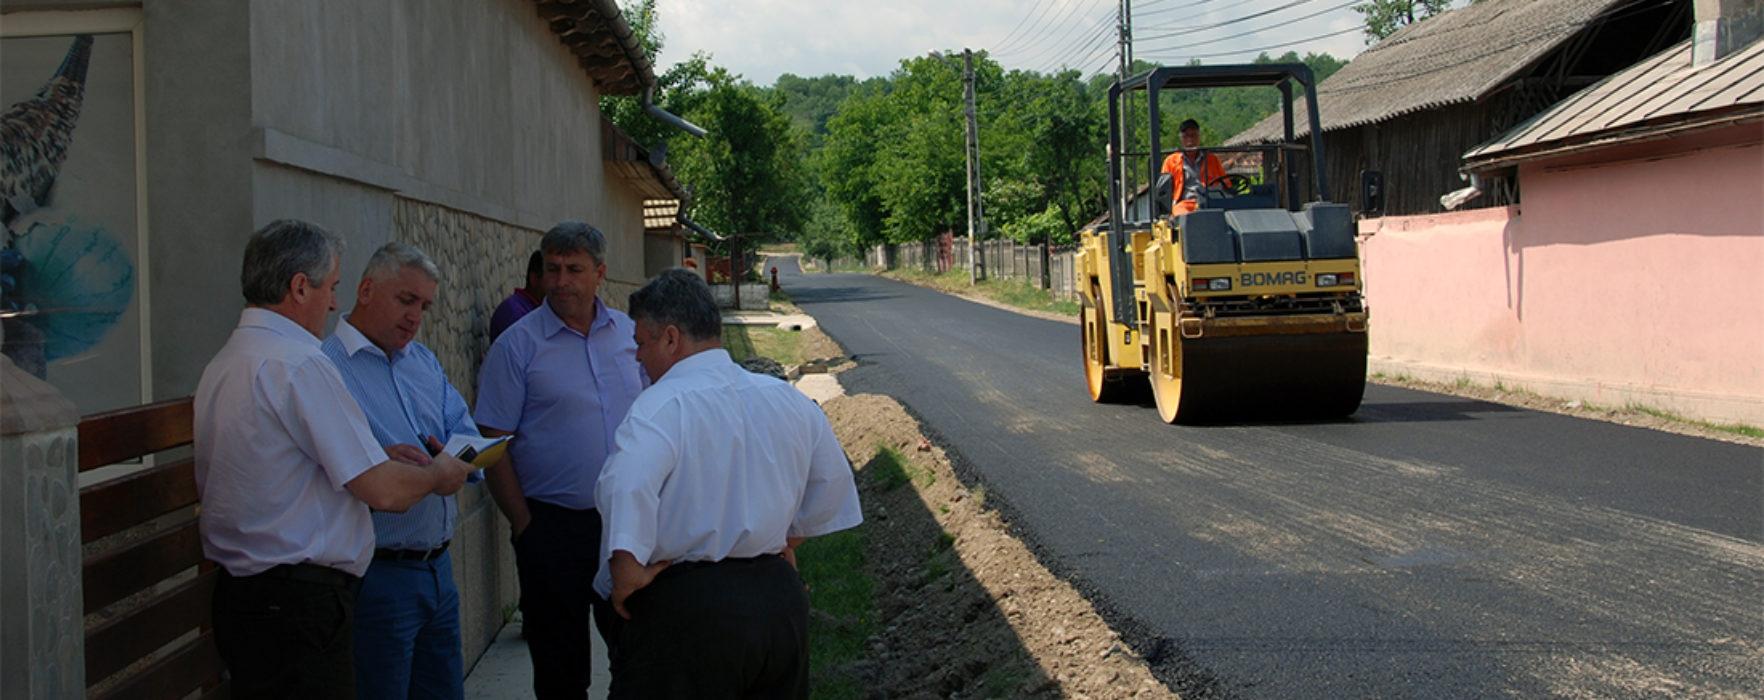 Brăneşti: Asfaltare drumuri locale prin asociere consiliul local-consiliul judeţean